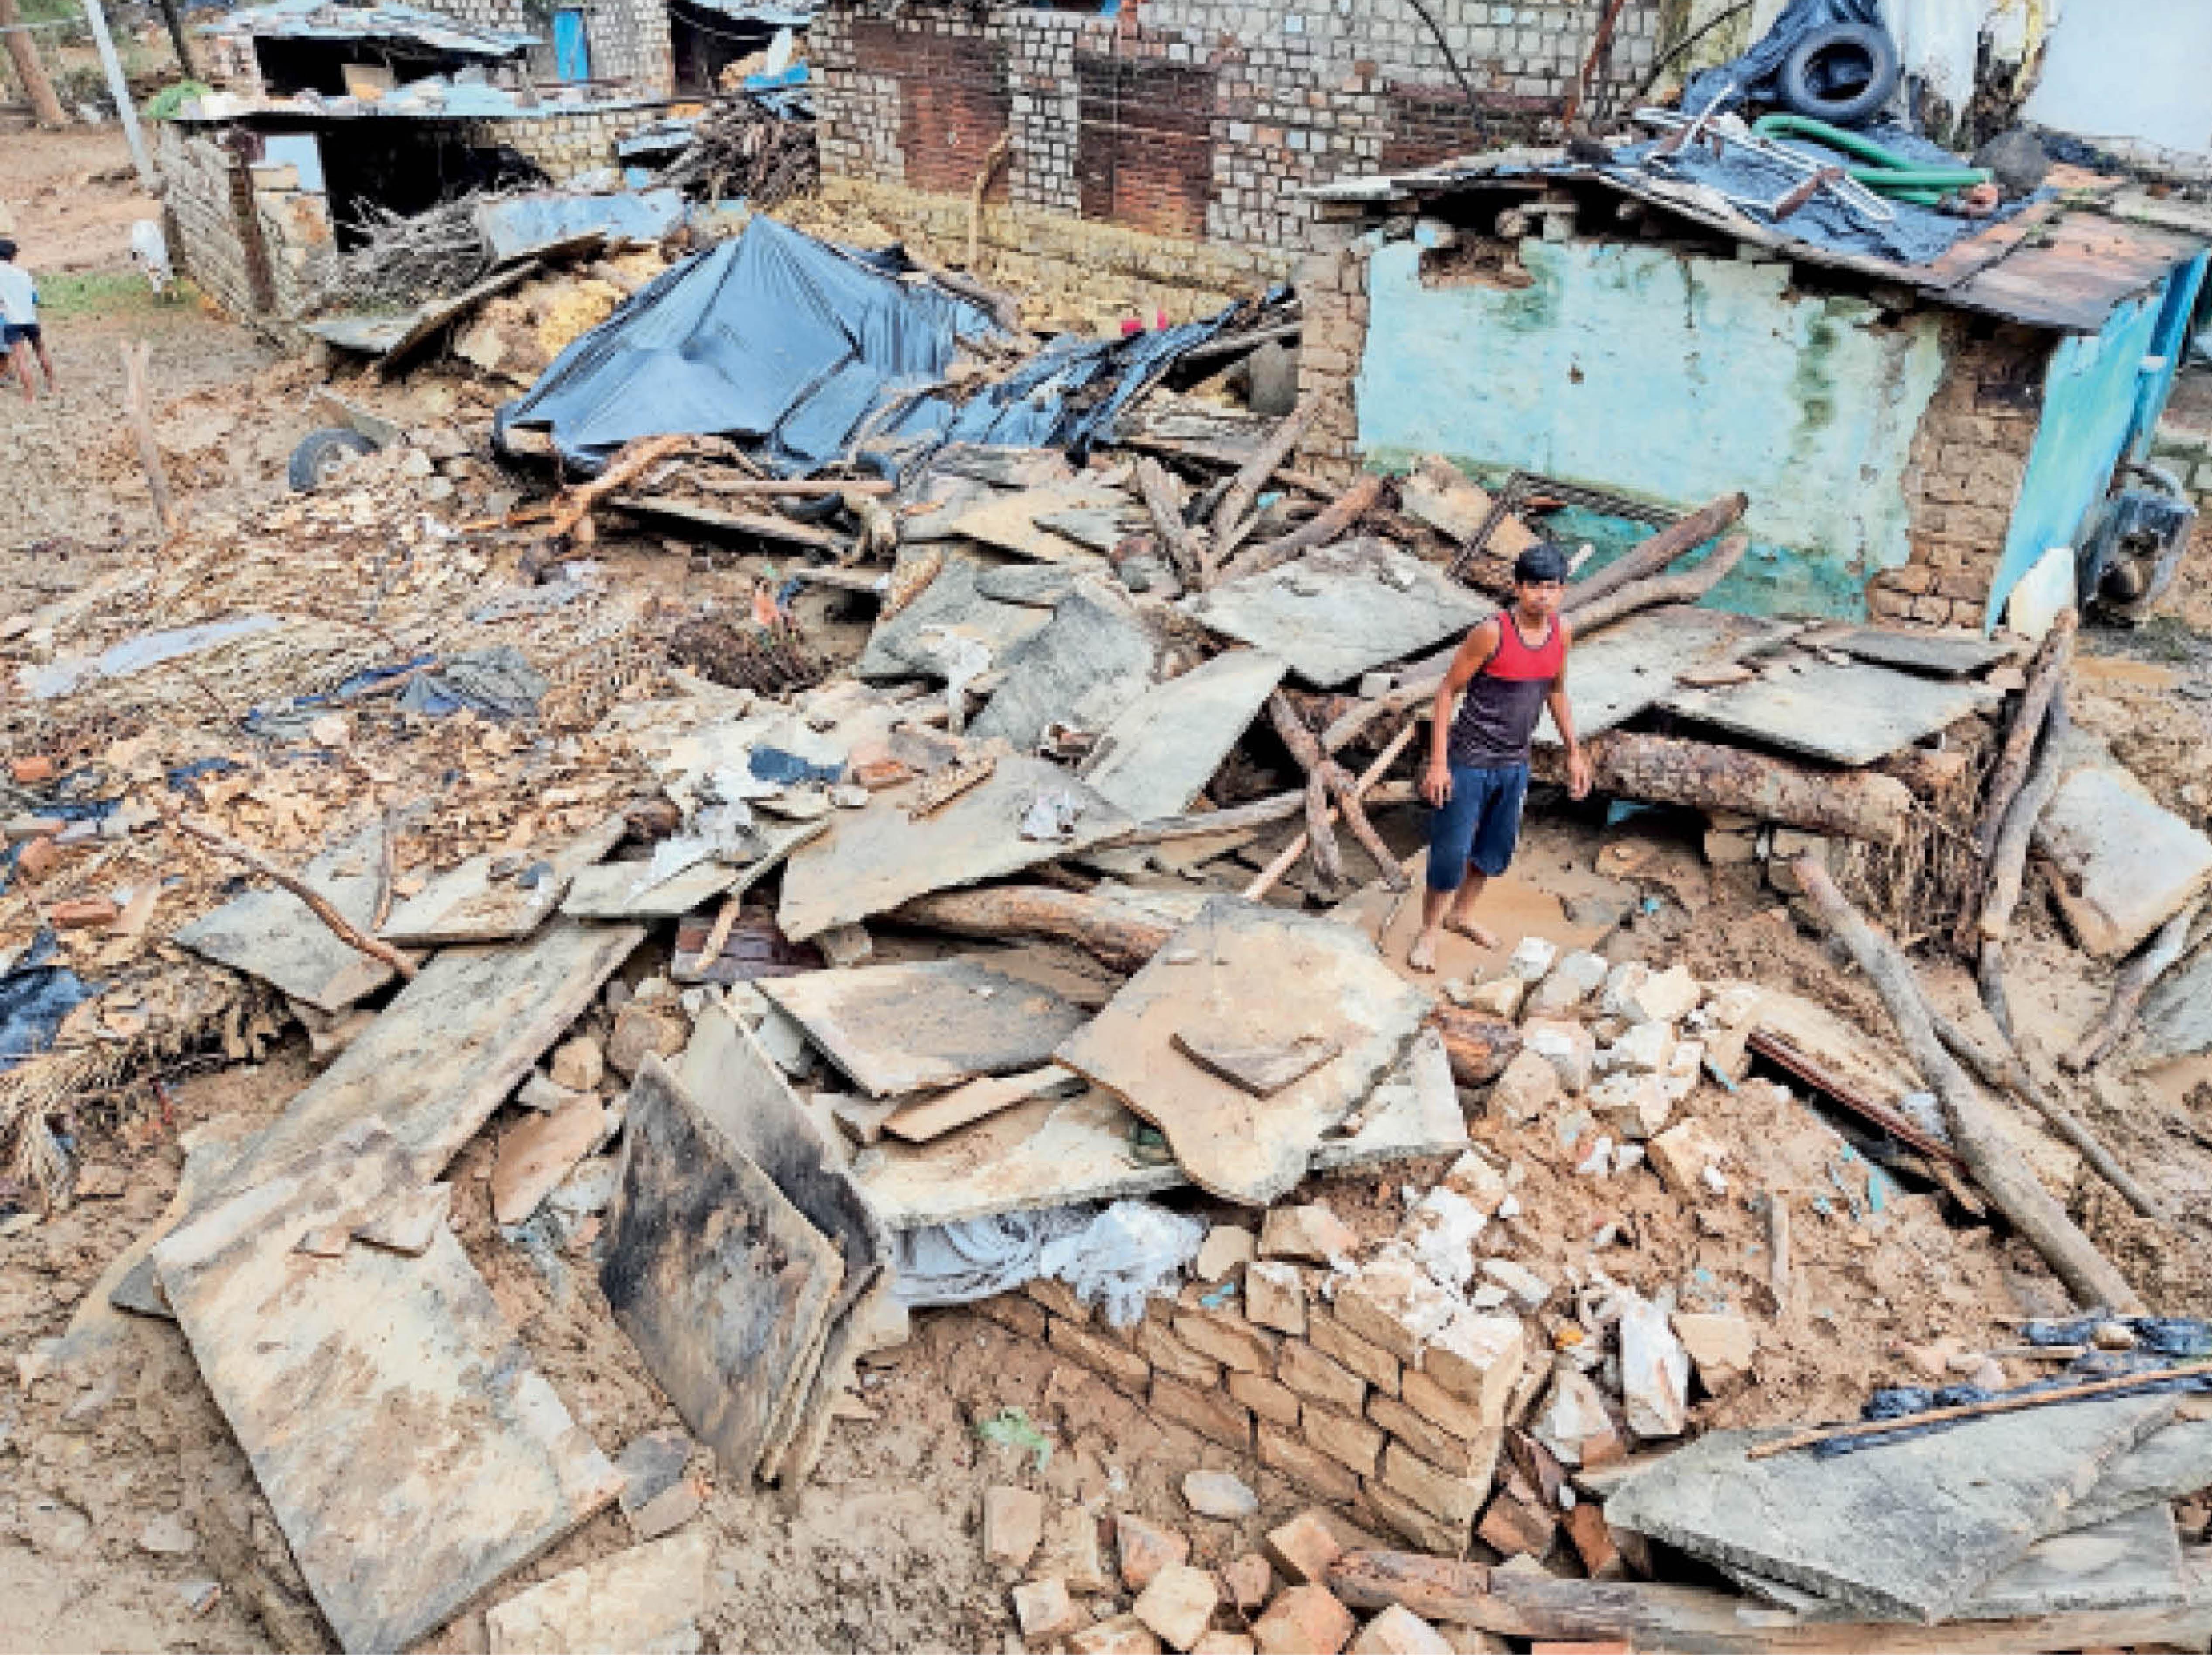 शिवपुरी। बैराड़ के ऐचवाड़ा गांव में घर तबाह होने के बाद सामान ढूंढता युवक।